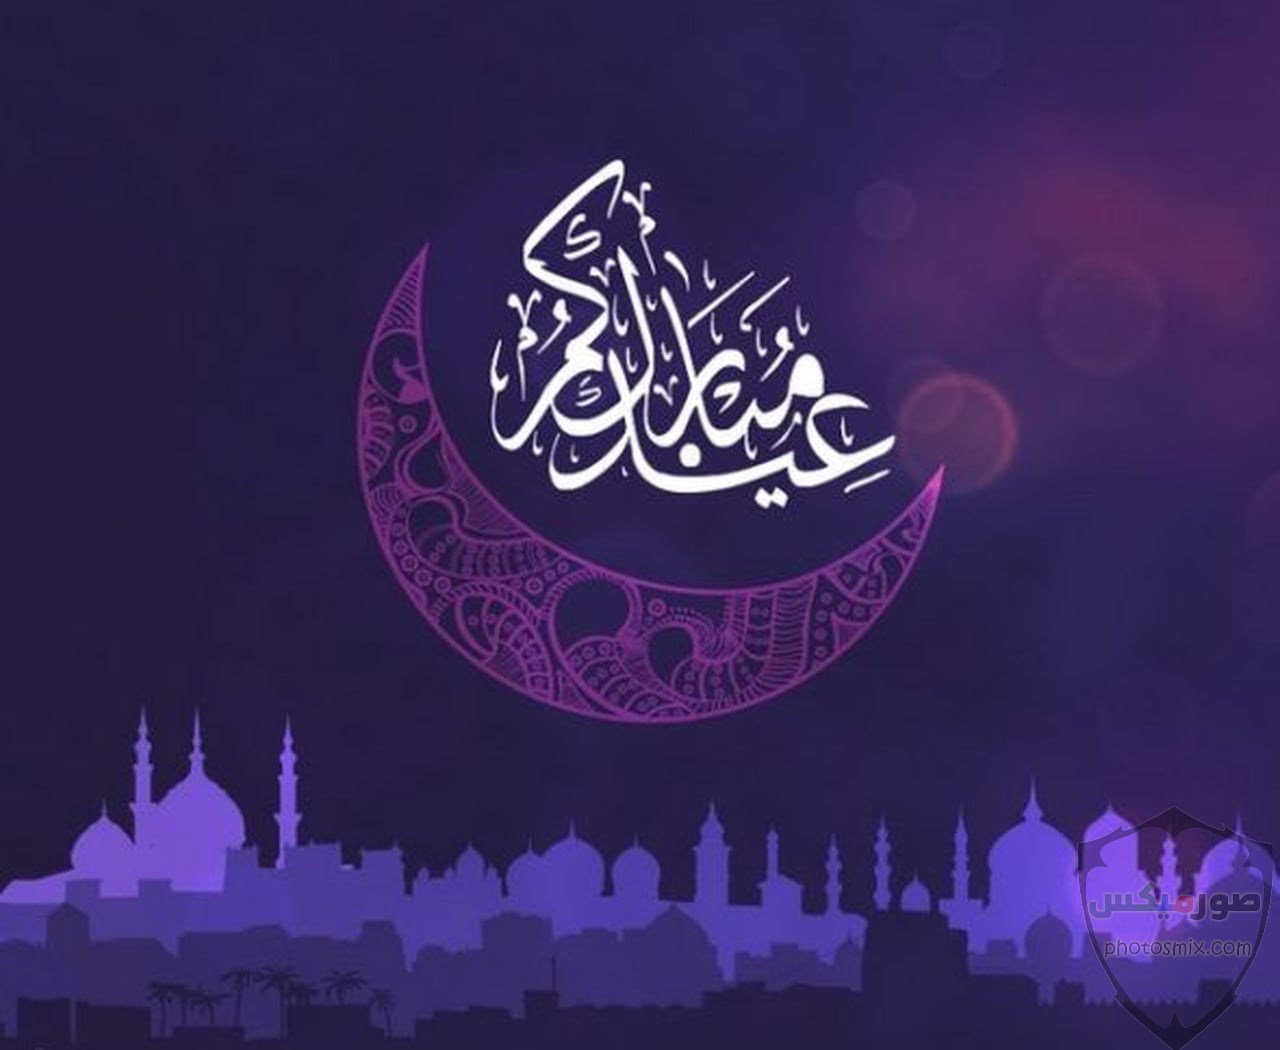 صور عيد الفطر صور برقيات وتهنئة بالعيد الصغير خلفيات فيس بوك وواتس اب بعيد الفطر 35